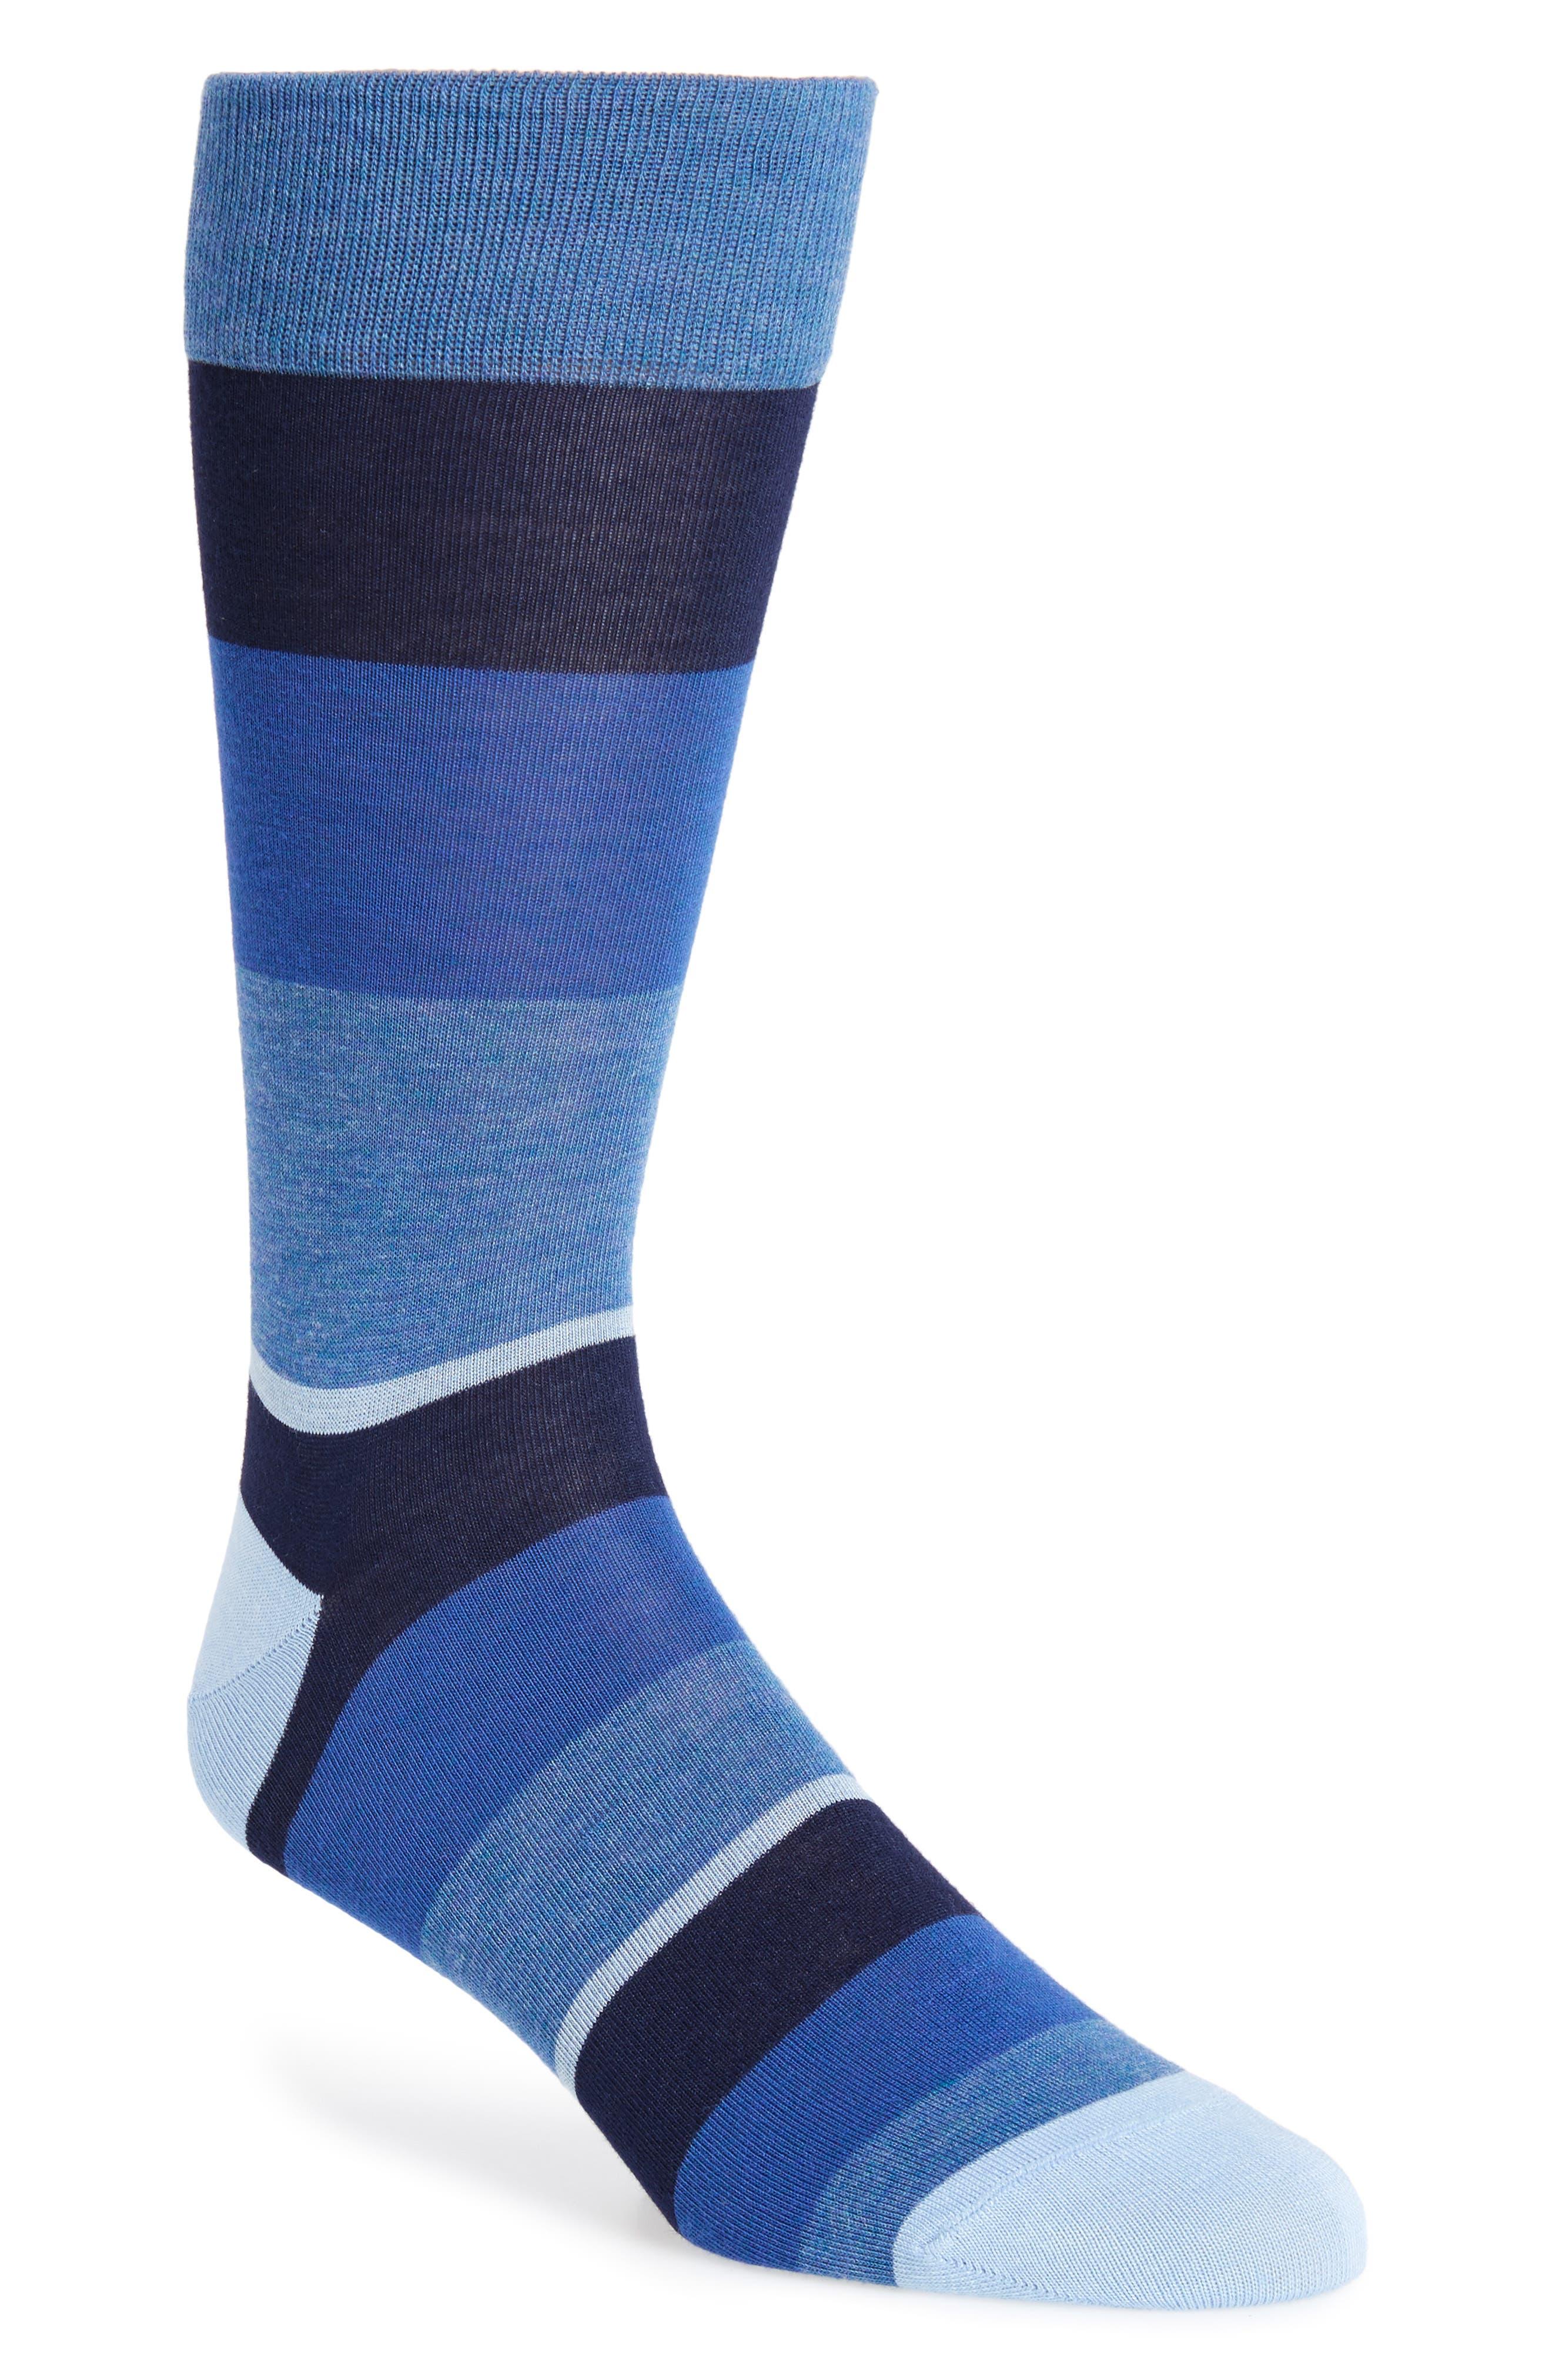 Main Image - Calibrate Colorblock Socks (3 for $30)